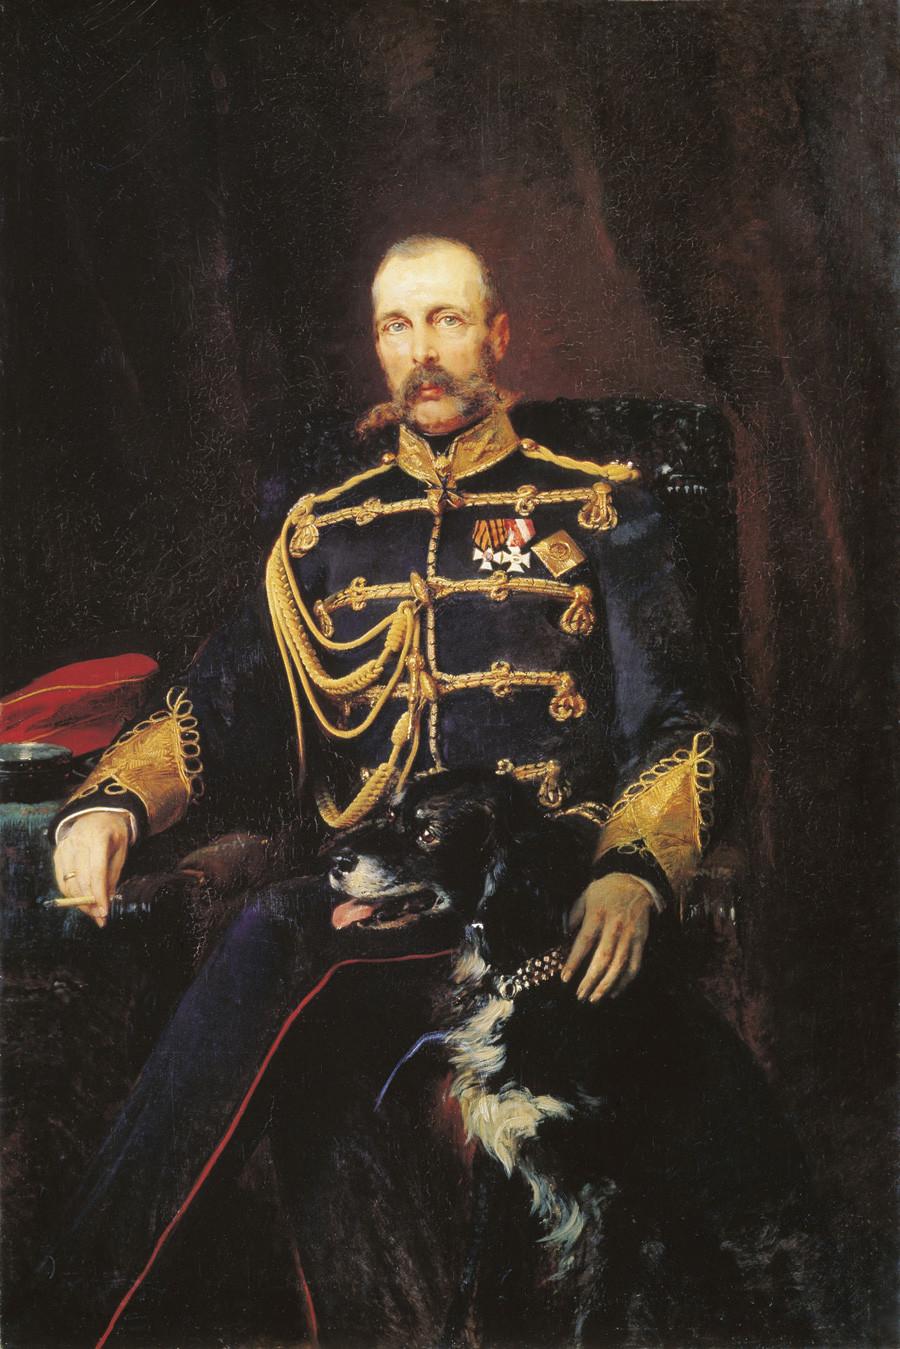 Alexander II of Russia by Konstantin Makovsky